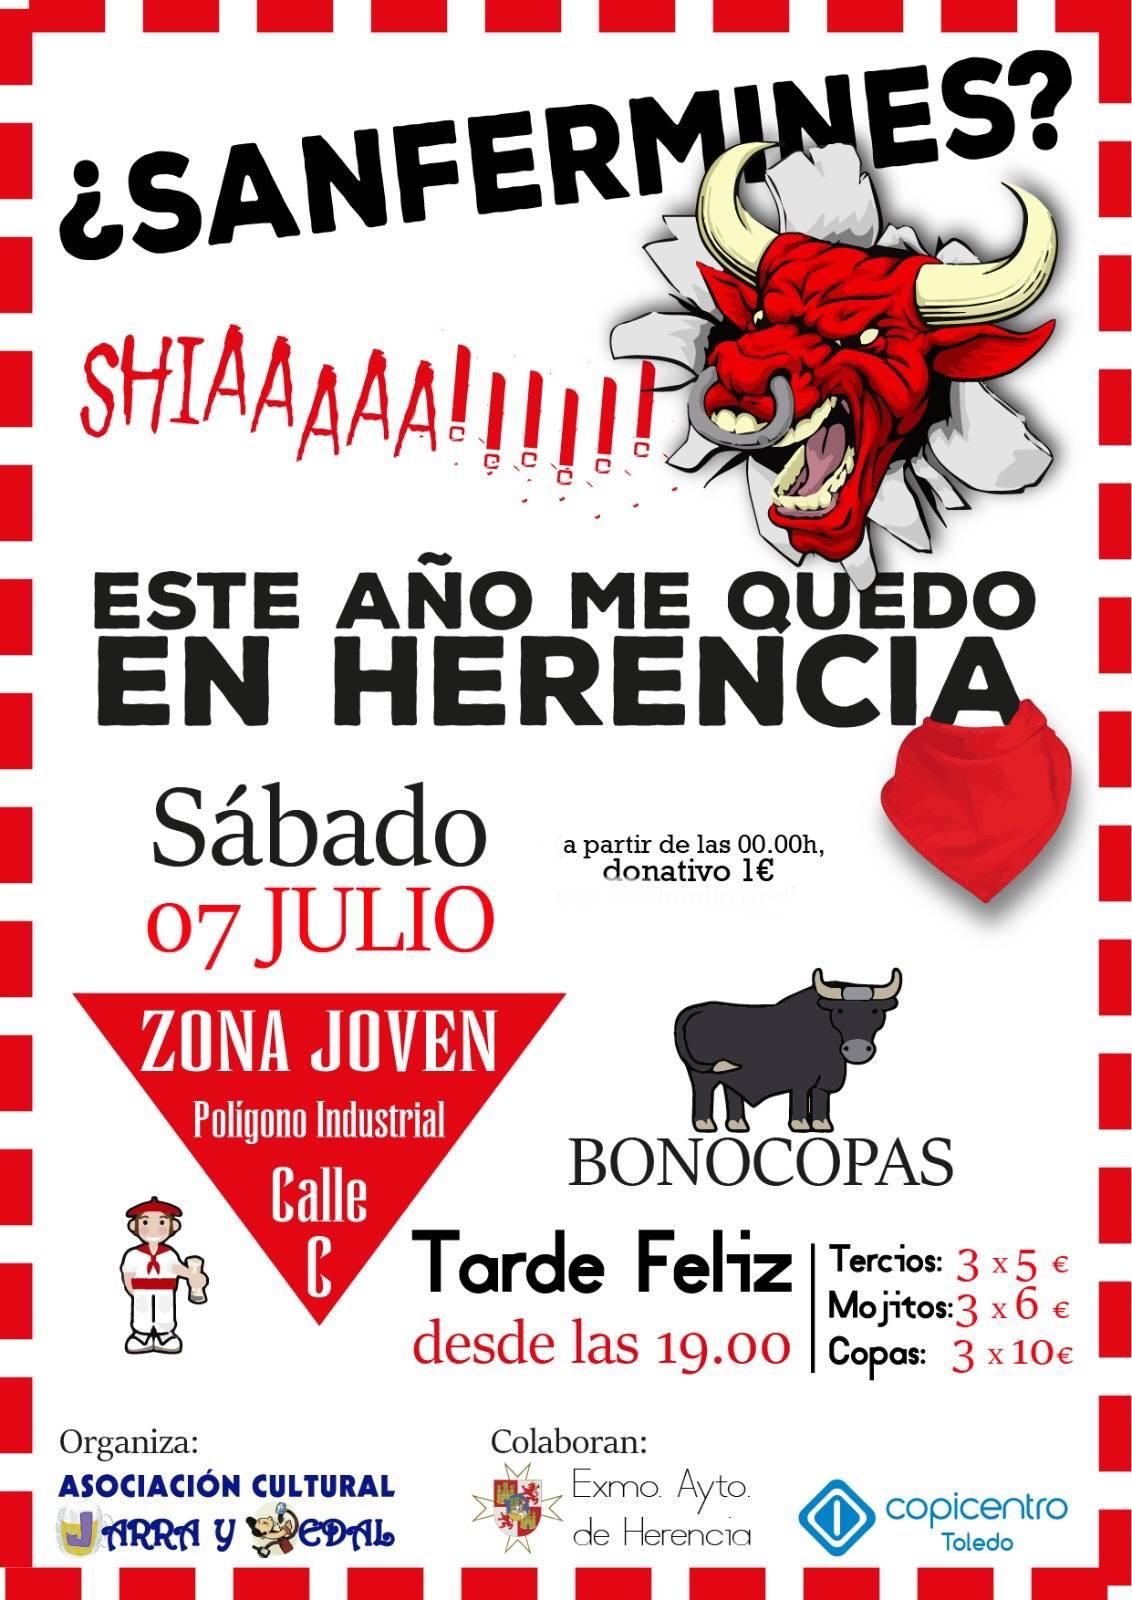 Fiesta de verano de la asociación Jarra y Pedal 3